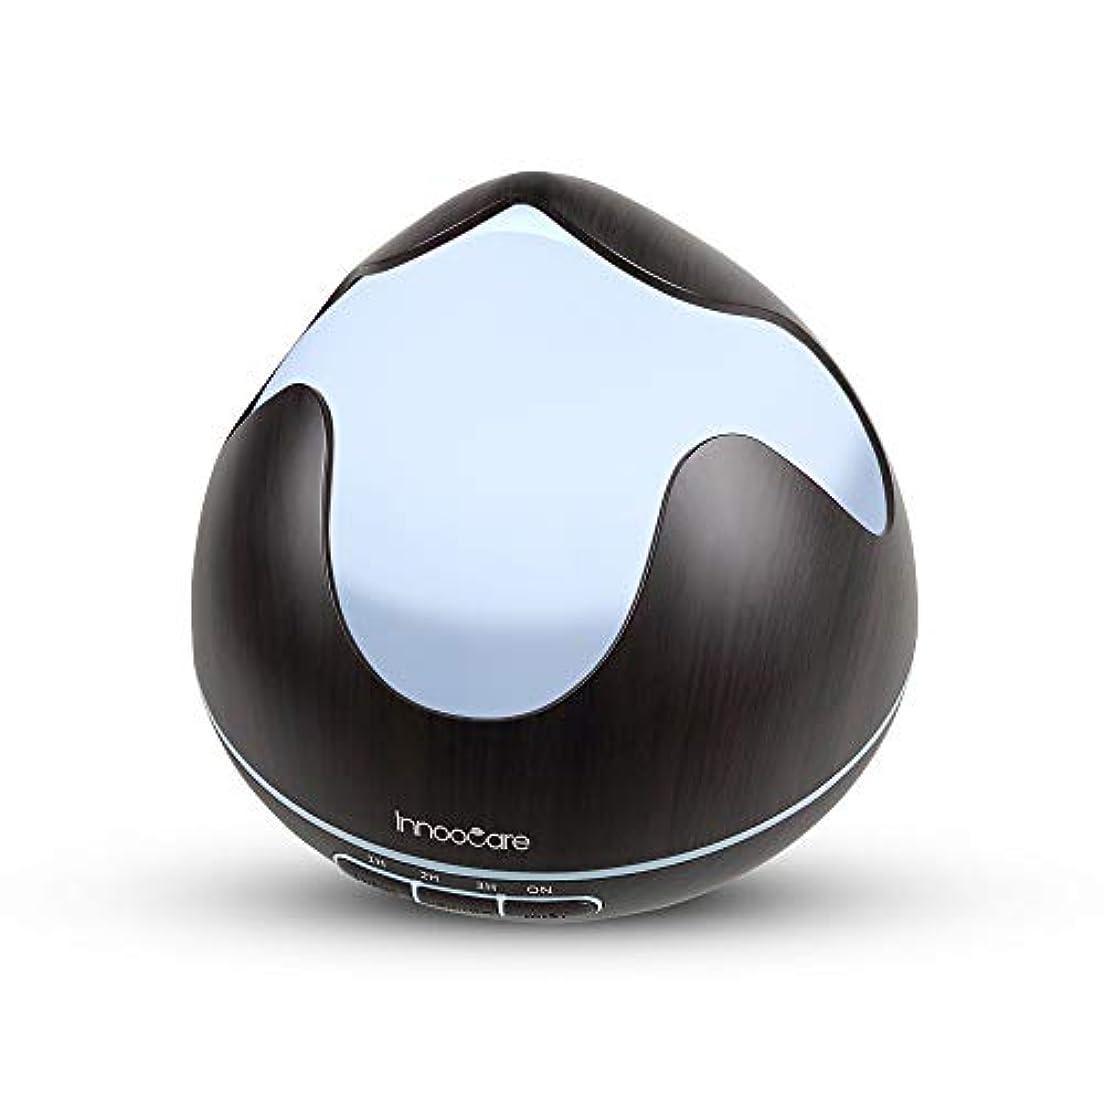 適合するかご令状400ミリリットル超音波クールミストアロマ加湿器、アロマセラピーエッセンシャルオイルディフューザー付き7色変更LEDライト、調節可能,Deepgrain